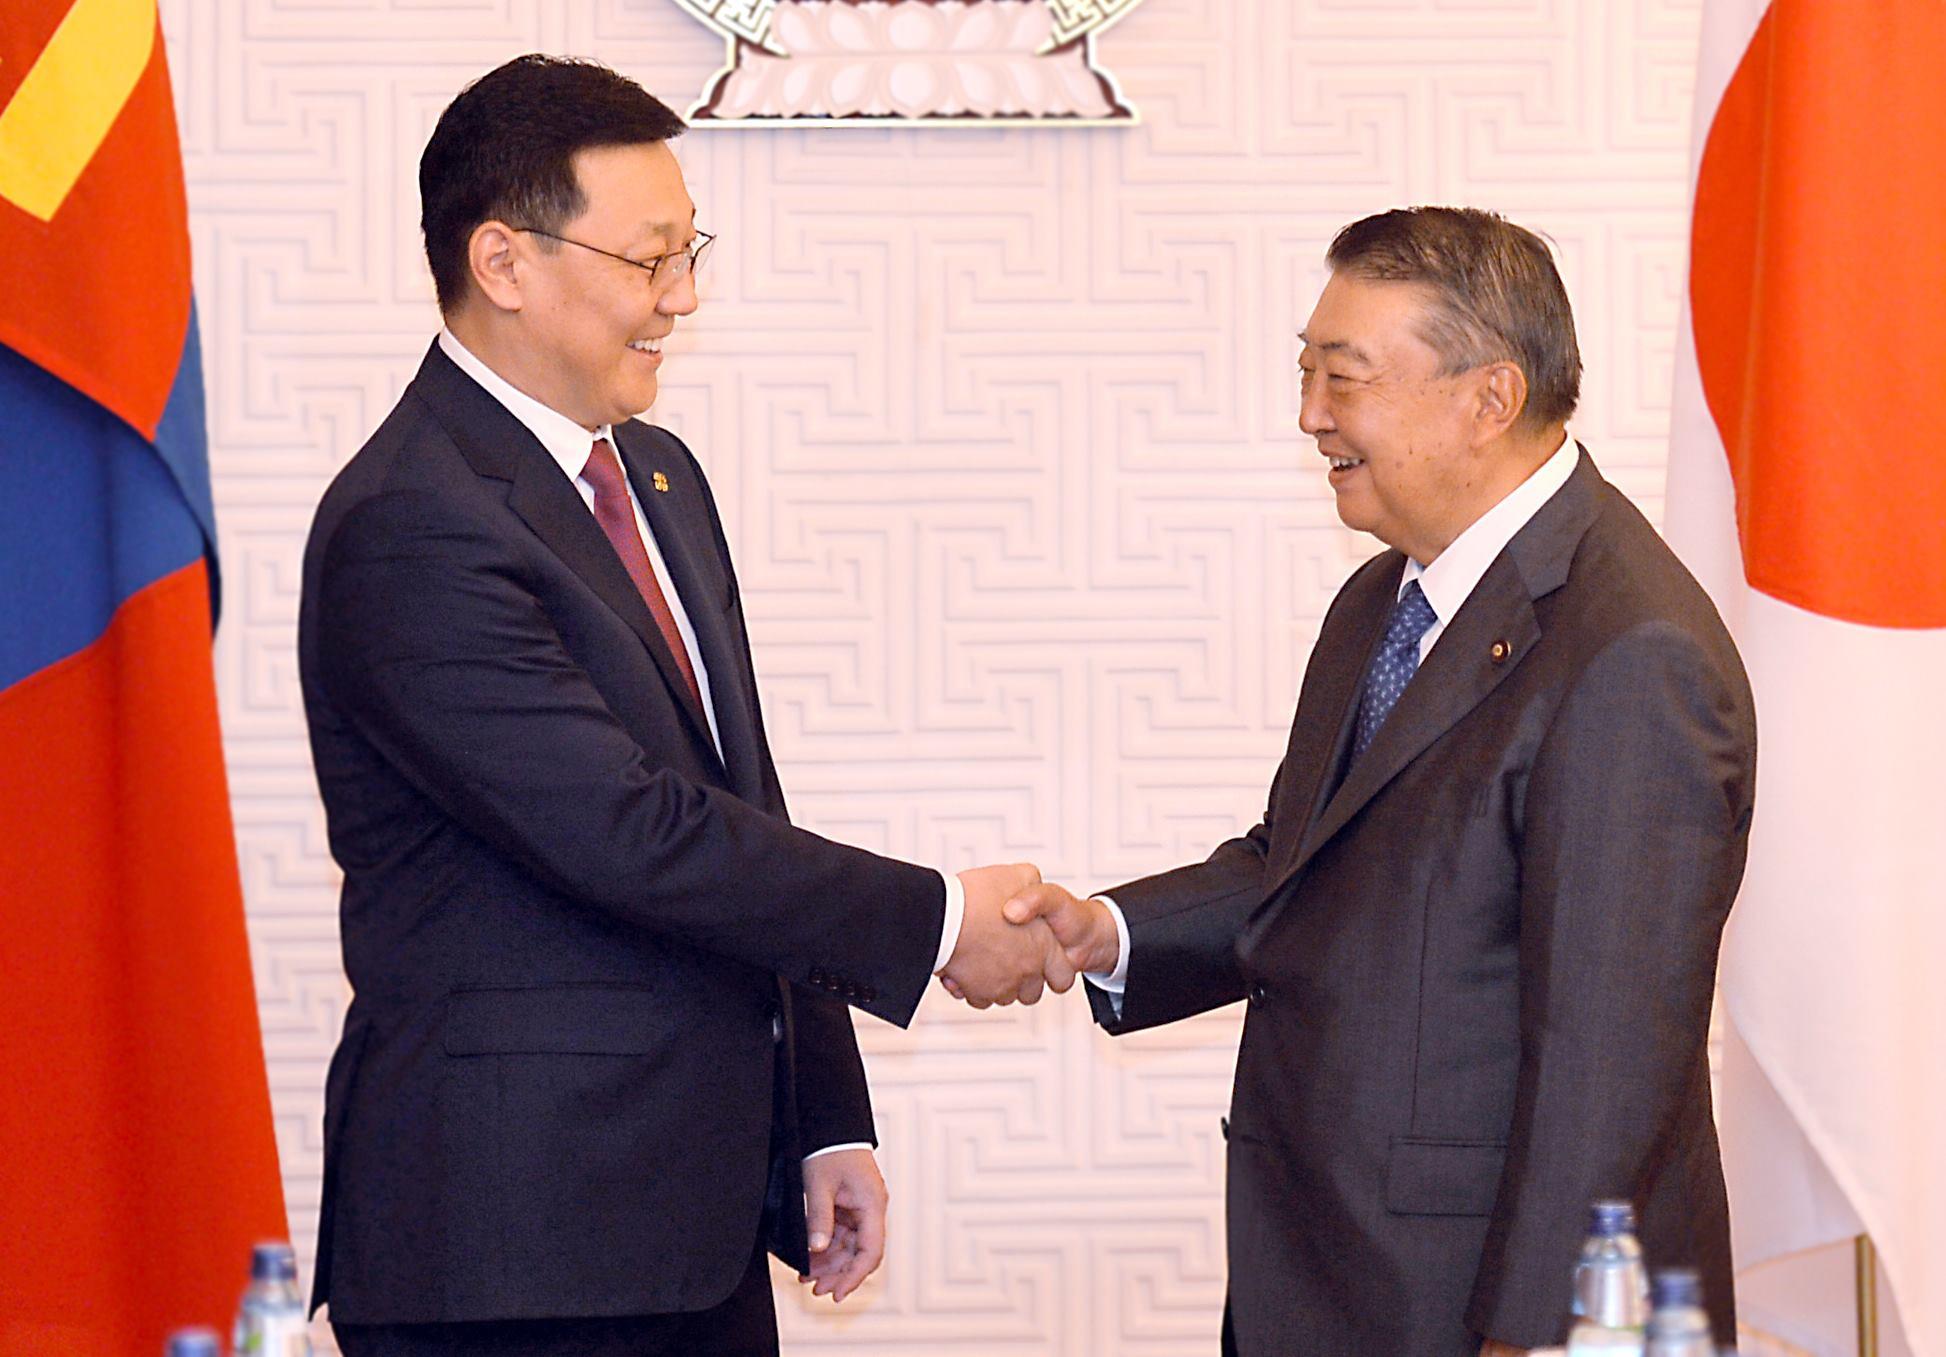 Ерөнхий сайд Ж.Эрдэнэбат Японы парламентын төлөөлөгчдийн танхимын дарга Т.Оошимад бараалхлаа